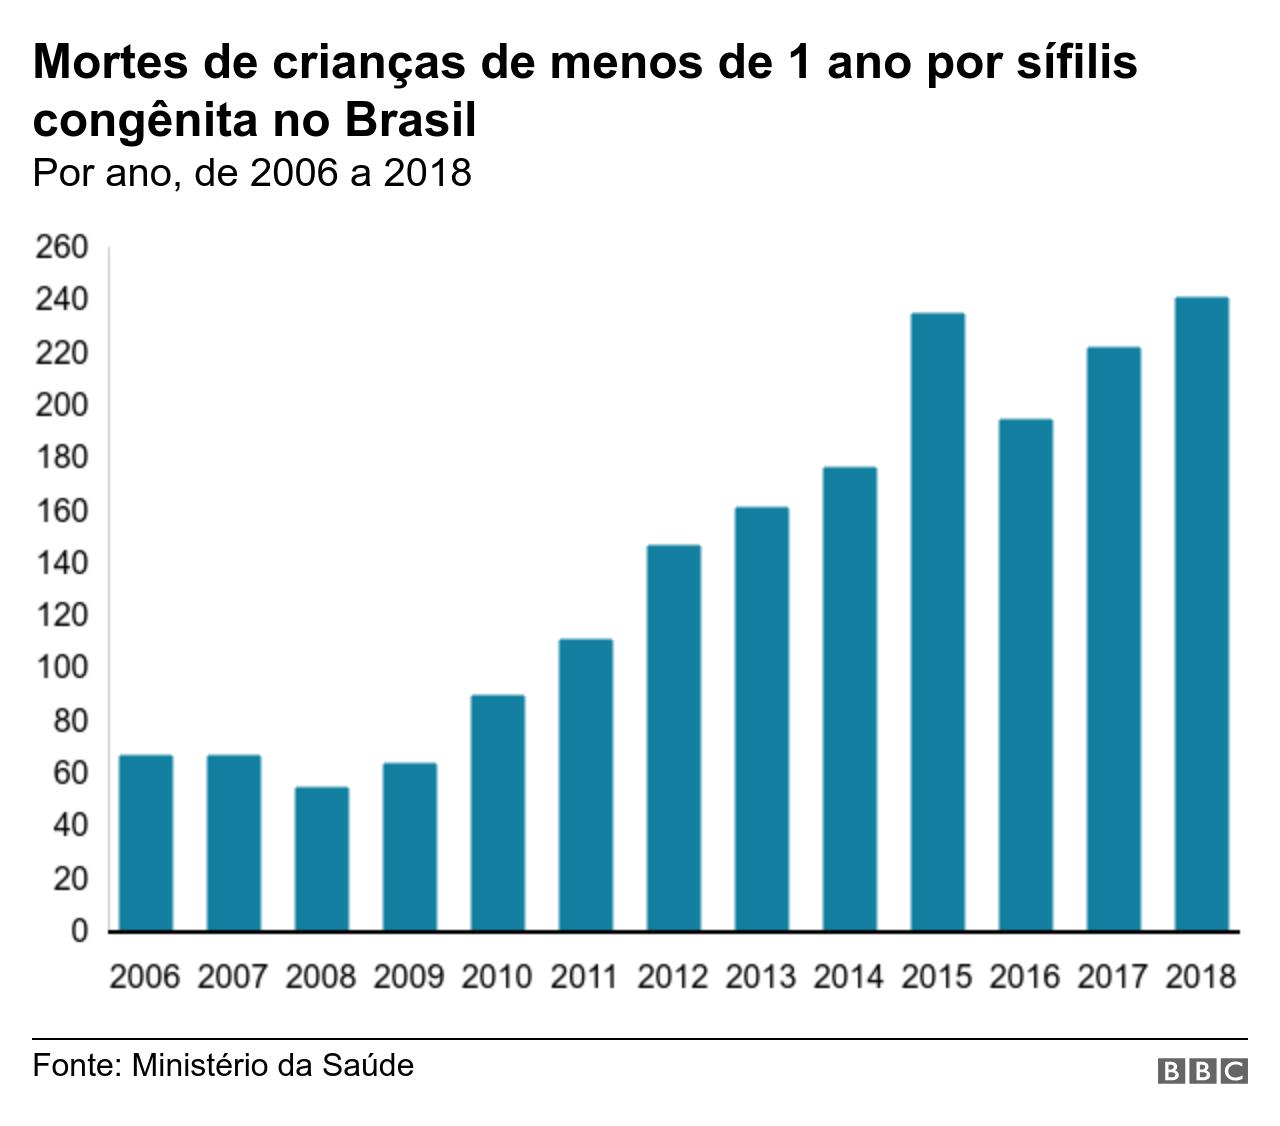 Gráfico mortes de crianças por sífilis congênita